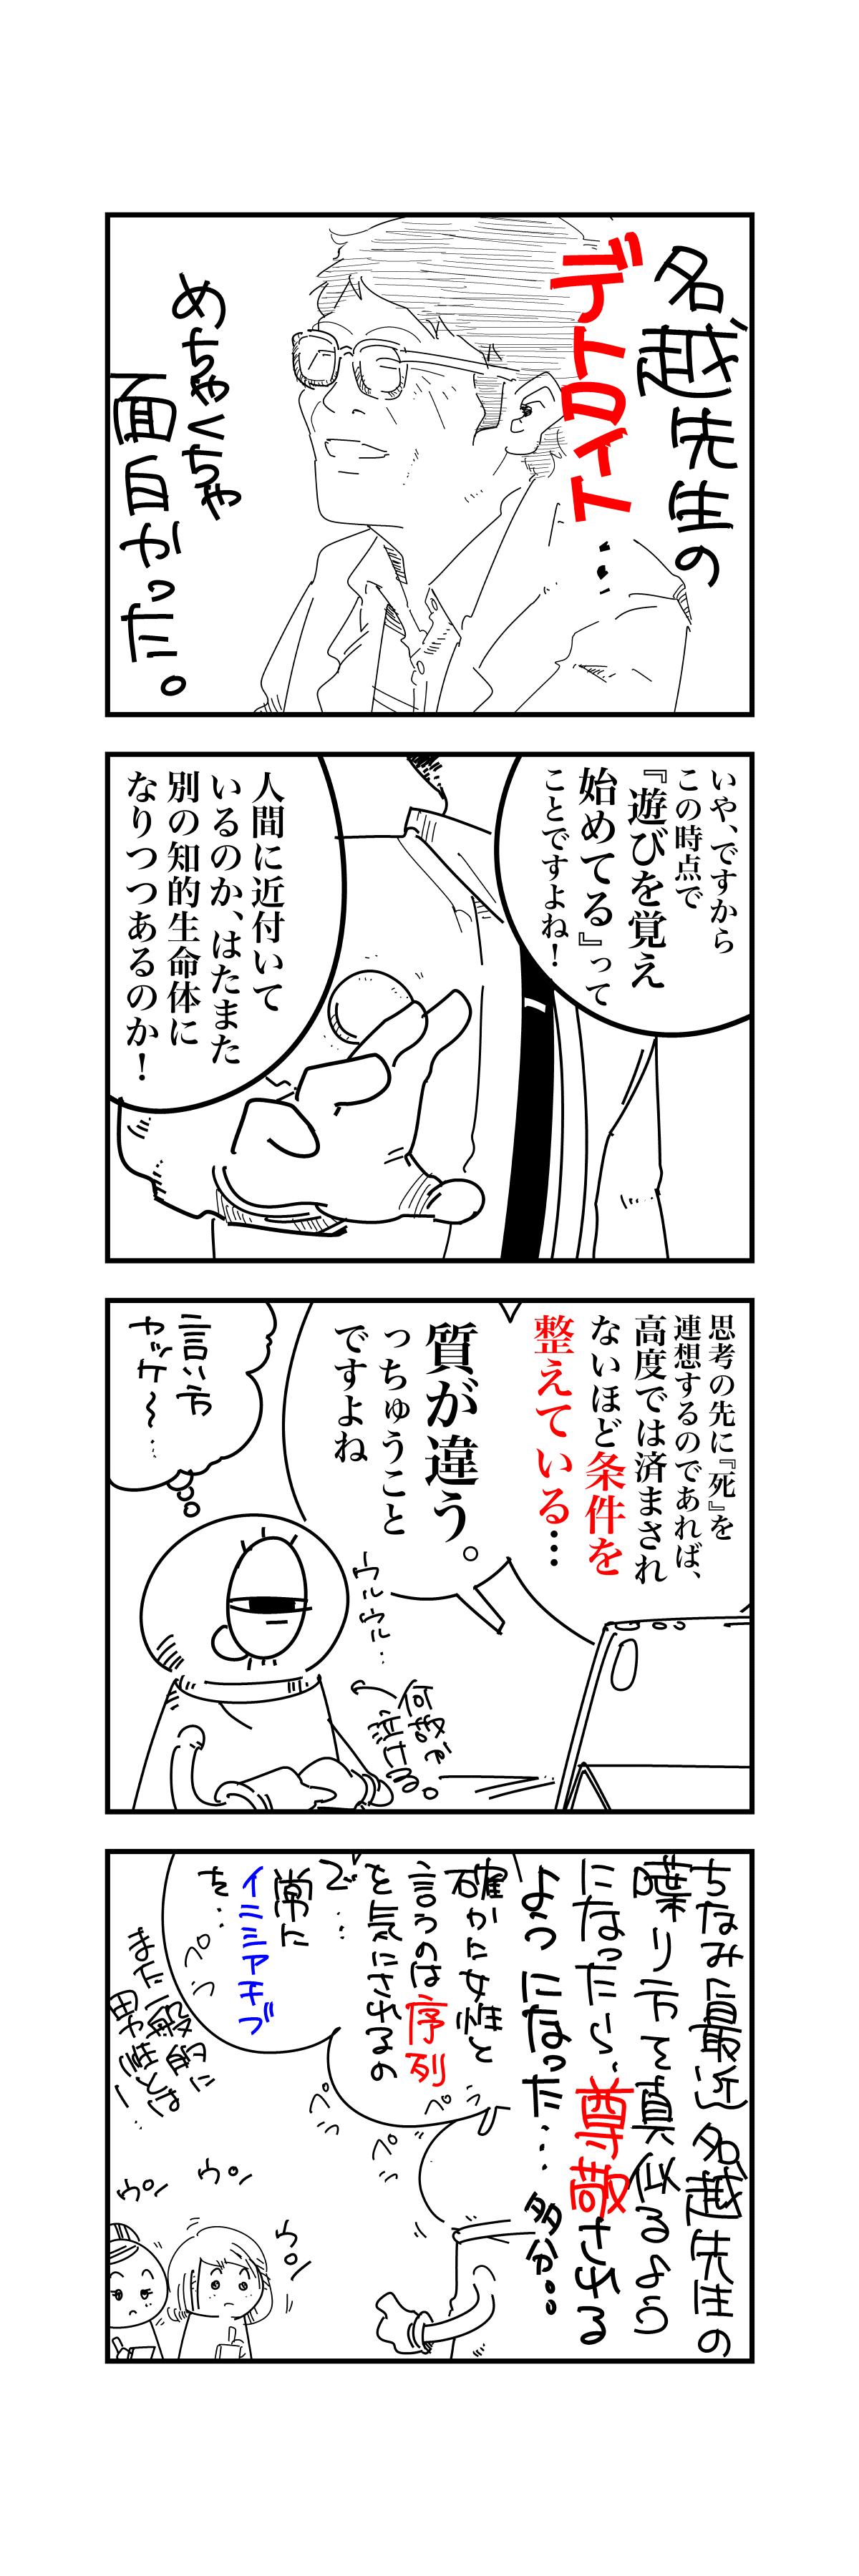 f:id:terashimaru117:20200910212541j:plain